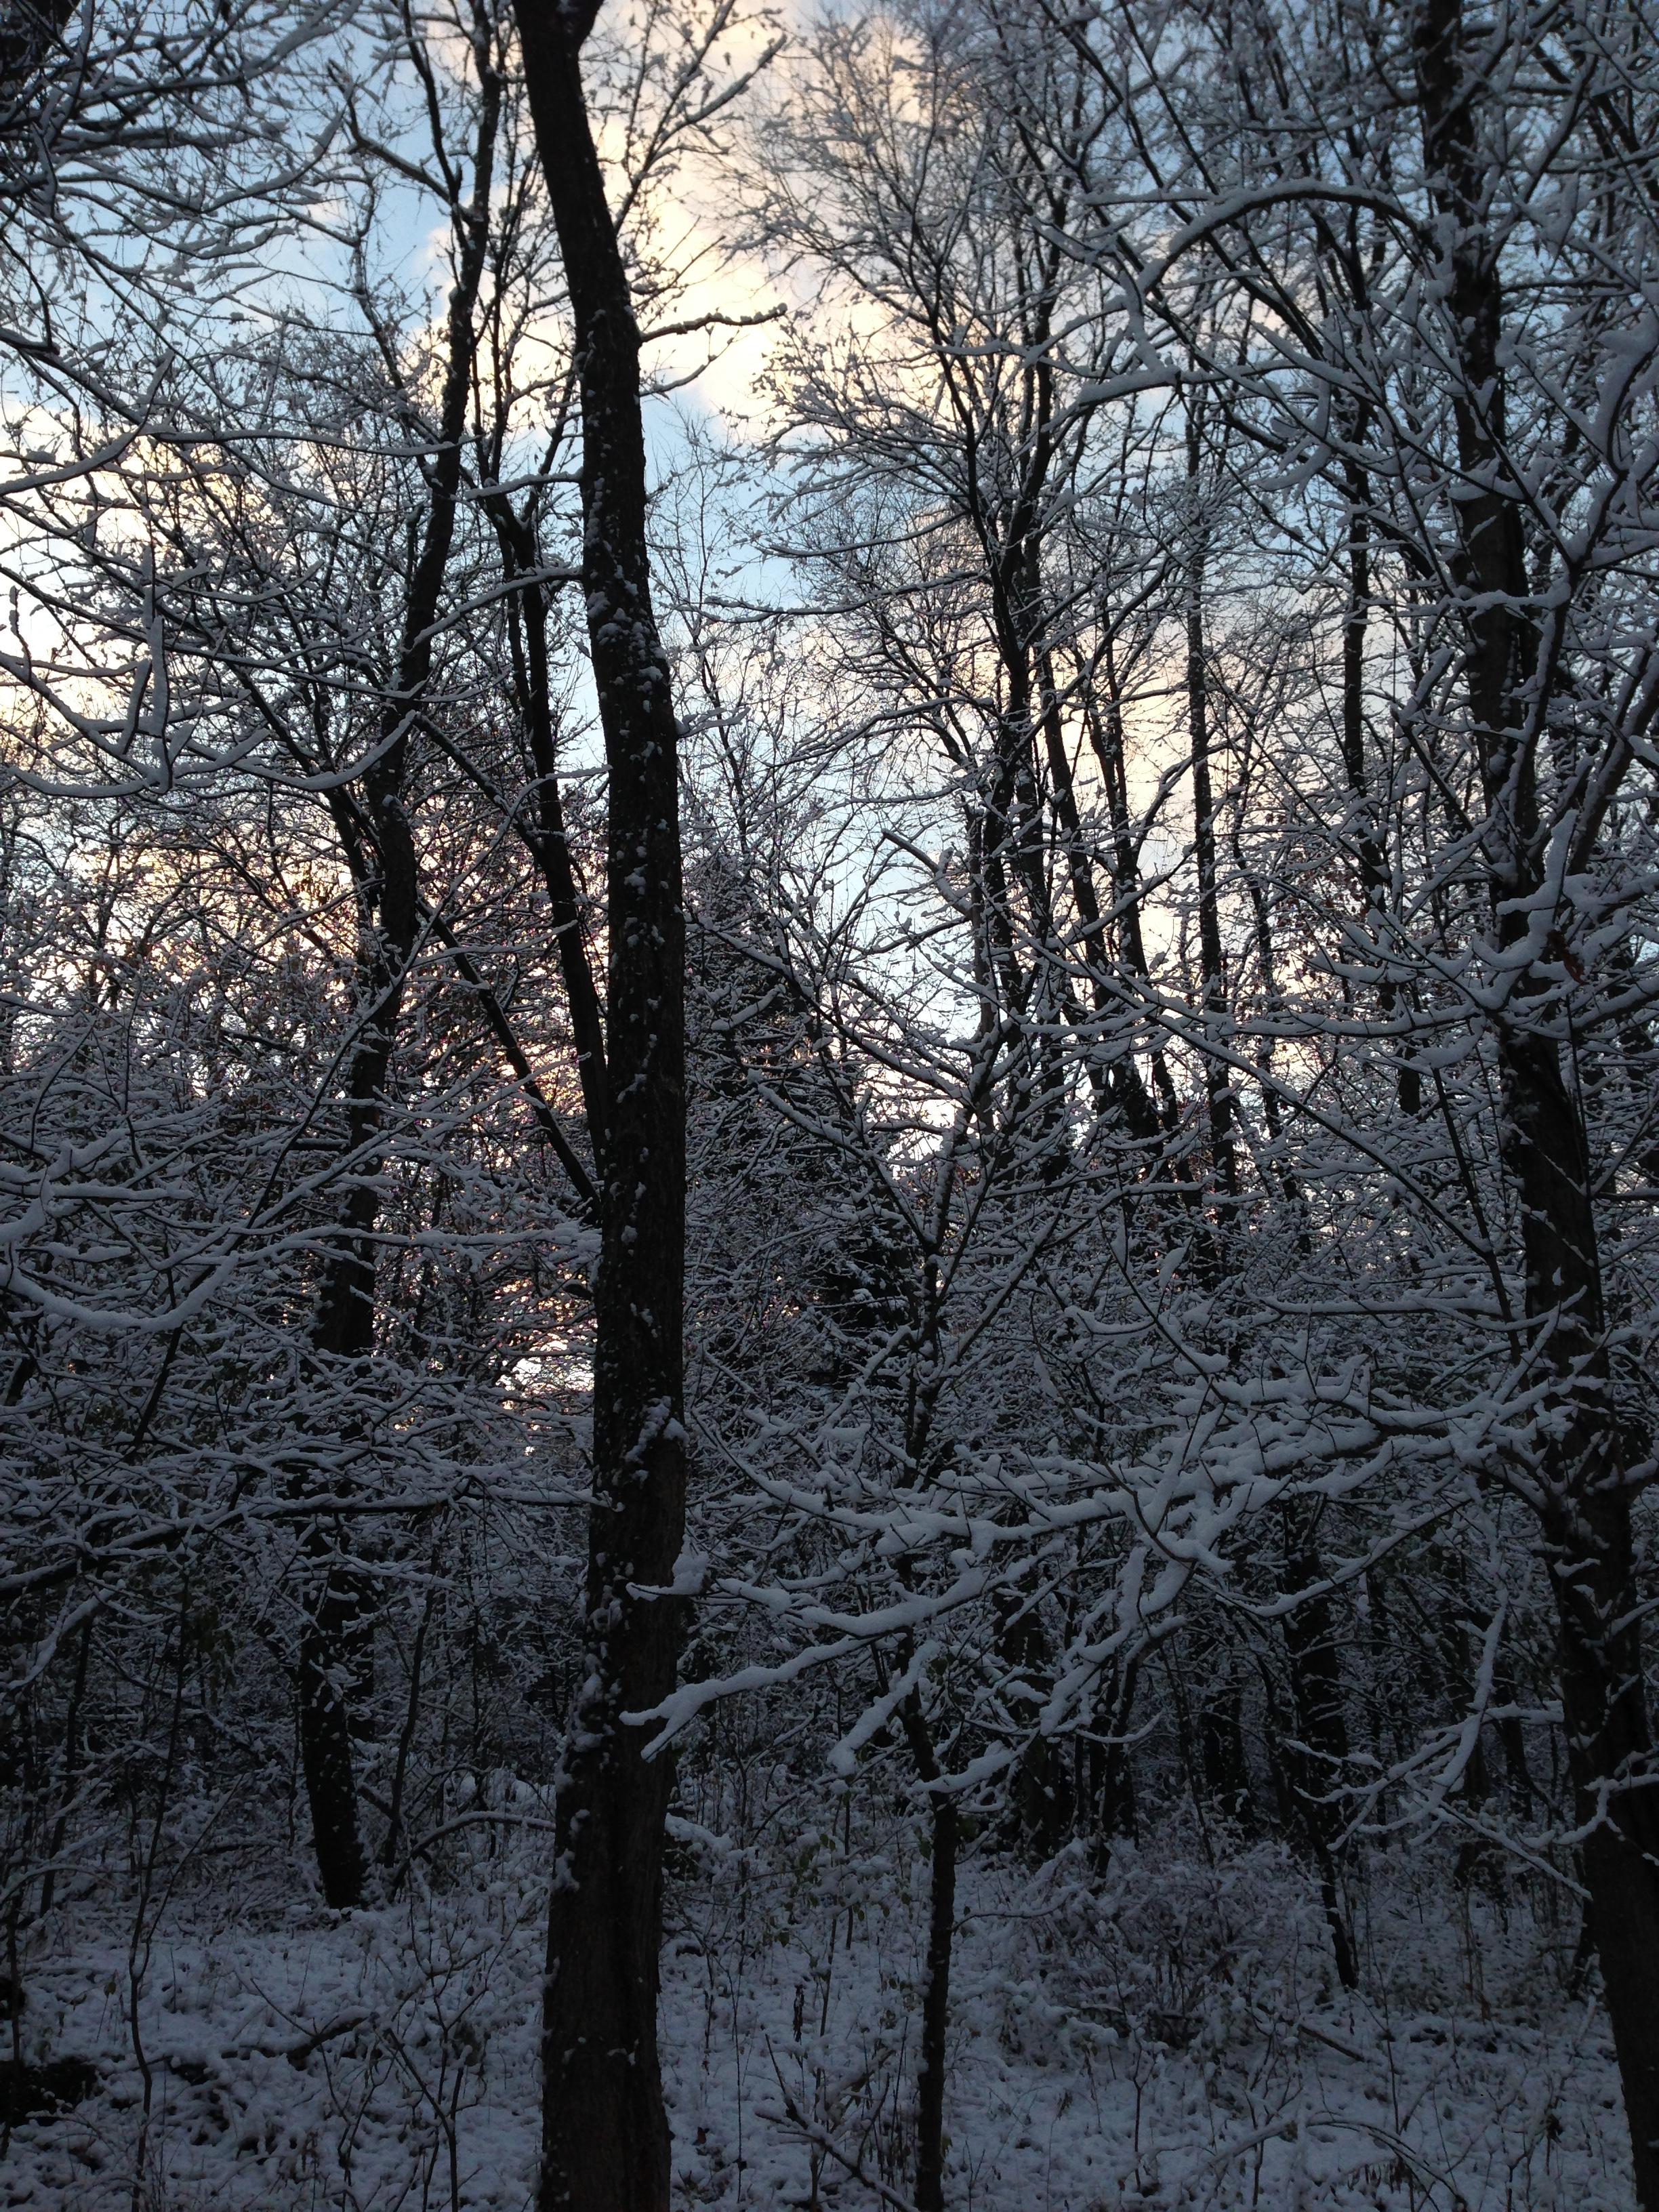 Snowy Sunrise. Photo by Carolyn.